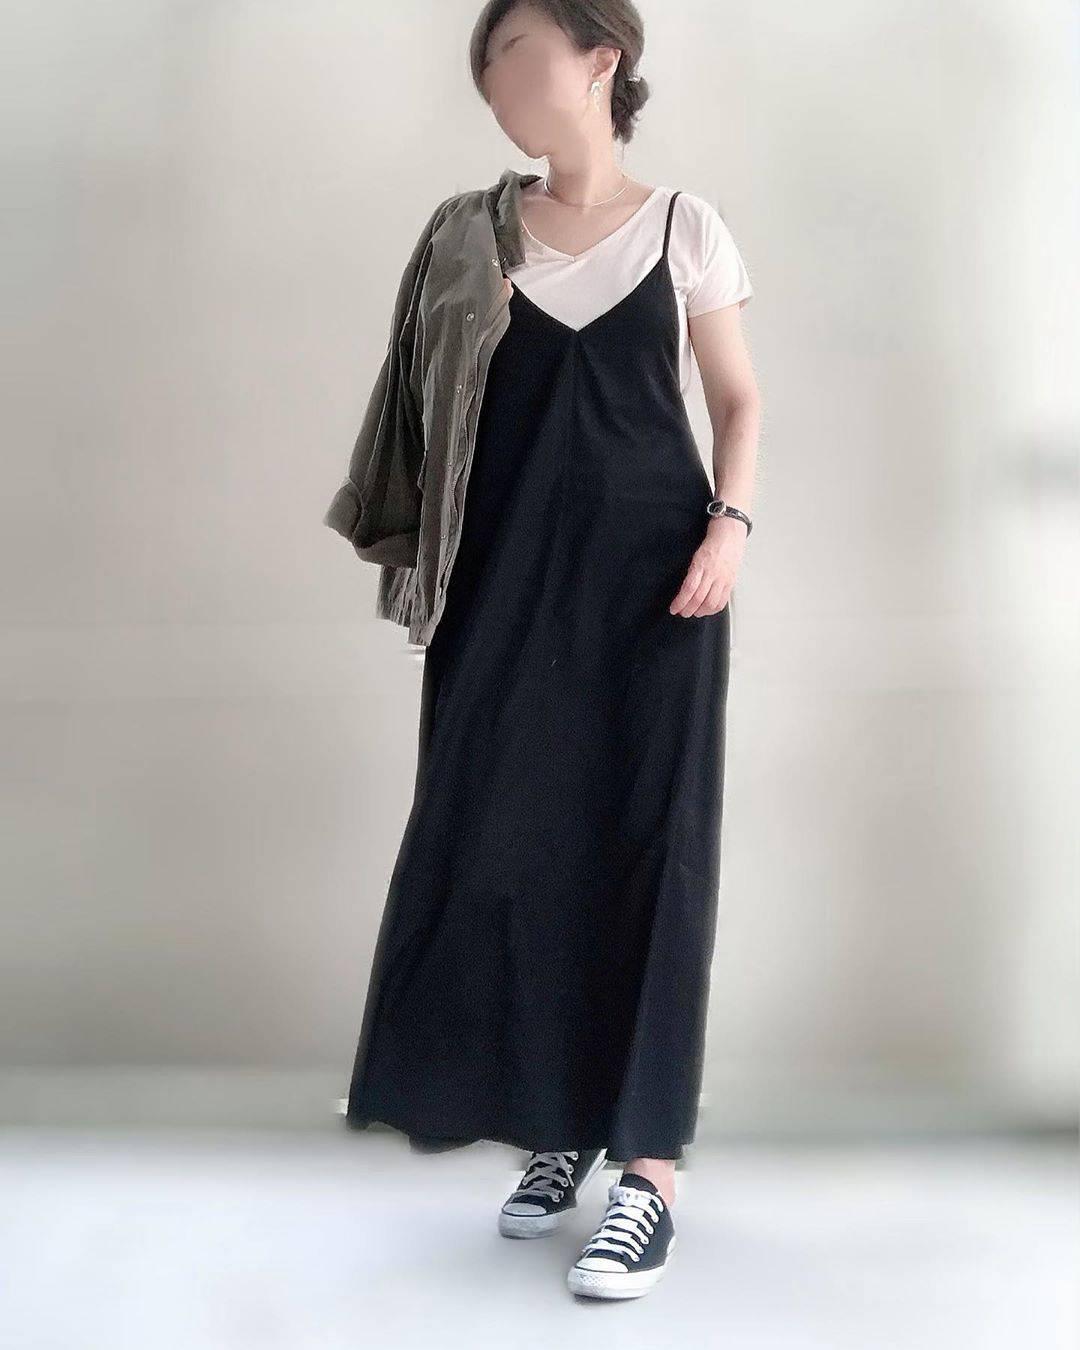 最高気温31度・最低気温20度 unange103の服装